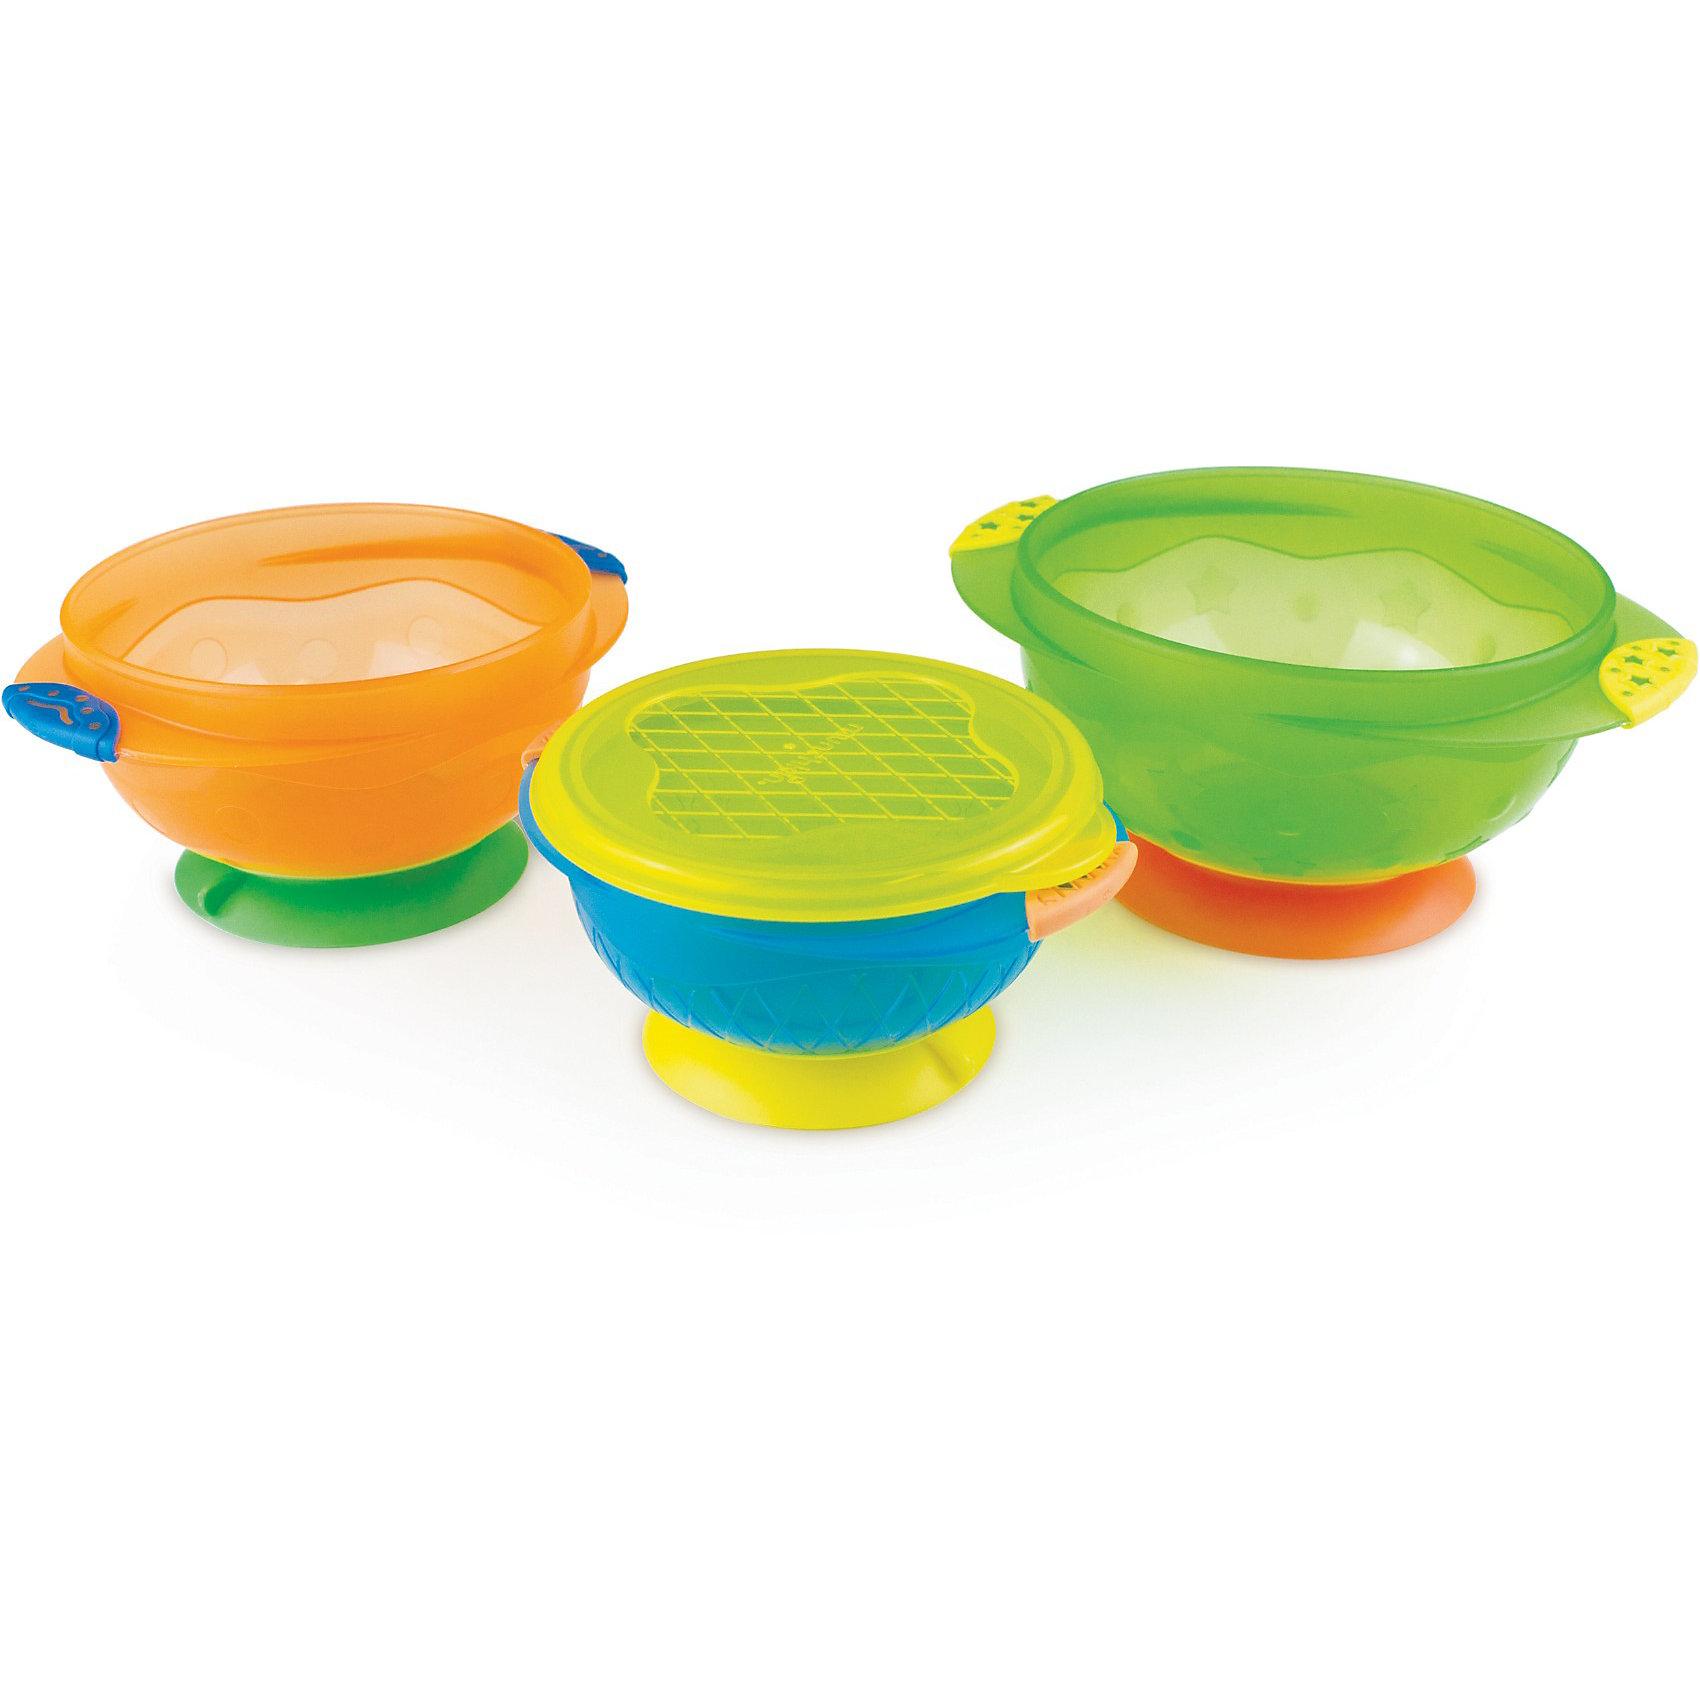 Набор детских тарелок на присосках 3шт., MunchkinНаборы посуды<br>Набор детских тарелок на присоске с крышкой Munchkin /3 pk Stay Put Suction Bowls - 3 тарелки в комплекте<br><br>Тарелка, которая не двигается с места! Если у Вас уже падали тарелки во время кормления малыша - то у нас есть для вас хорошие новости! Тарелка Munchkin имеет присоску, которая прочно удерживает тарелку на поверхности стола и не снимается без вашей помощи.<br><br>Дополнительная информация:<br><br>- тарелка меньшего размера имеет плотную крышку, чтобы можно было хранить остатки еды (в комплекте)<br>- данный комплект не только поможет вкусно накормить, но и сэкономить время<br>- идеальная форма и размер для того, чтобы малыш учился есть самостоятельно<br>- секции для различных продуктов удобны для того, чтобы кормить малыша разнообразно<br>- присоска надежно закреплена на каждой тарелке<br>- ребенок не сможет переместить посуду, а это значит стол останется чистым<br>- взрослый справится с присоской одним нажатием<br>- можно мыть в посудомоечной машине на верхней полке<br>- BPA free - не содержат Бисфенол А<br>- в комплекте 3 тарелки<br>- Состав: Polypropylene / Bottle brush: Acrylonitrile Butadiene Styrene, Thermoplastic Elastomer, Steel with PP coating, Nylon<br>- соответствует требованиям стандарта BS EN 14372<br>- возраст: 6 месяцев +<br>- в комплекте 3 шт<br><br>Кредо Munchkin, американской компании с 20-летней историей: избавить мир от надоевших и прозаических товаров, искать умные инновационные решения, которые превращает обыденные задачи в опыт, приносящий удовольствие. Понимая, что наибольшее значение в быту имеют именно мелочи, компания создает уникальные товары, которые помогают поддерживать порядок, организовывать пространство, облегчают уход за детьми – недаром компания имеет уже более 140 патентов и изобретений, используемых в создании ее неповторимой и оригинальной продукции. Munchkin делает жизнь родителей легче!<br><br>Ширина мм: 178<br>Глубина мм: 200<br>Высота мм: 130<br>Вес